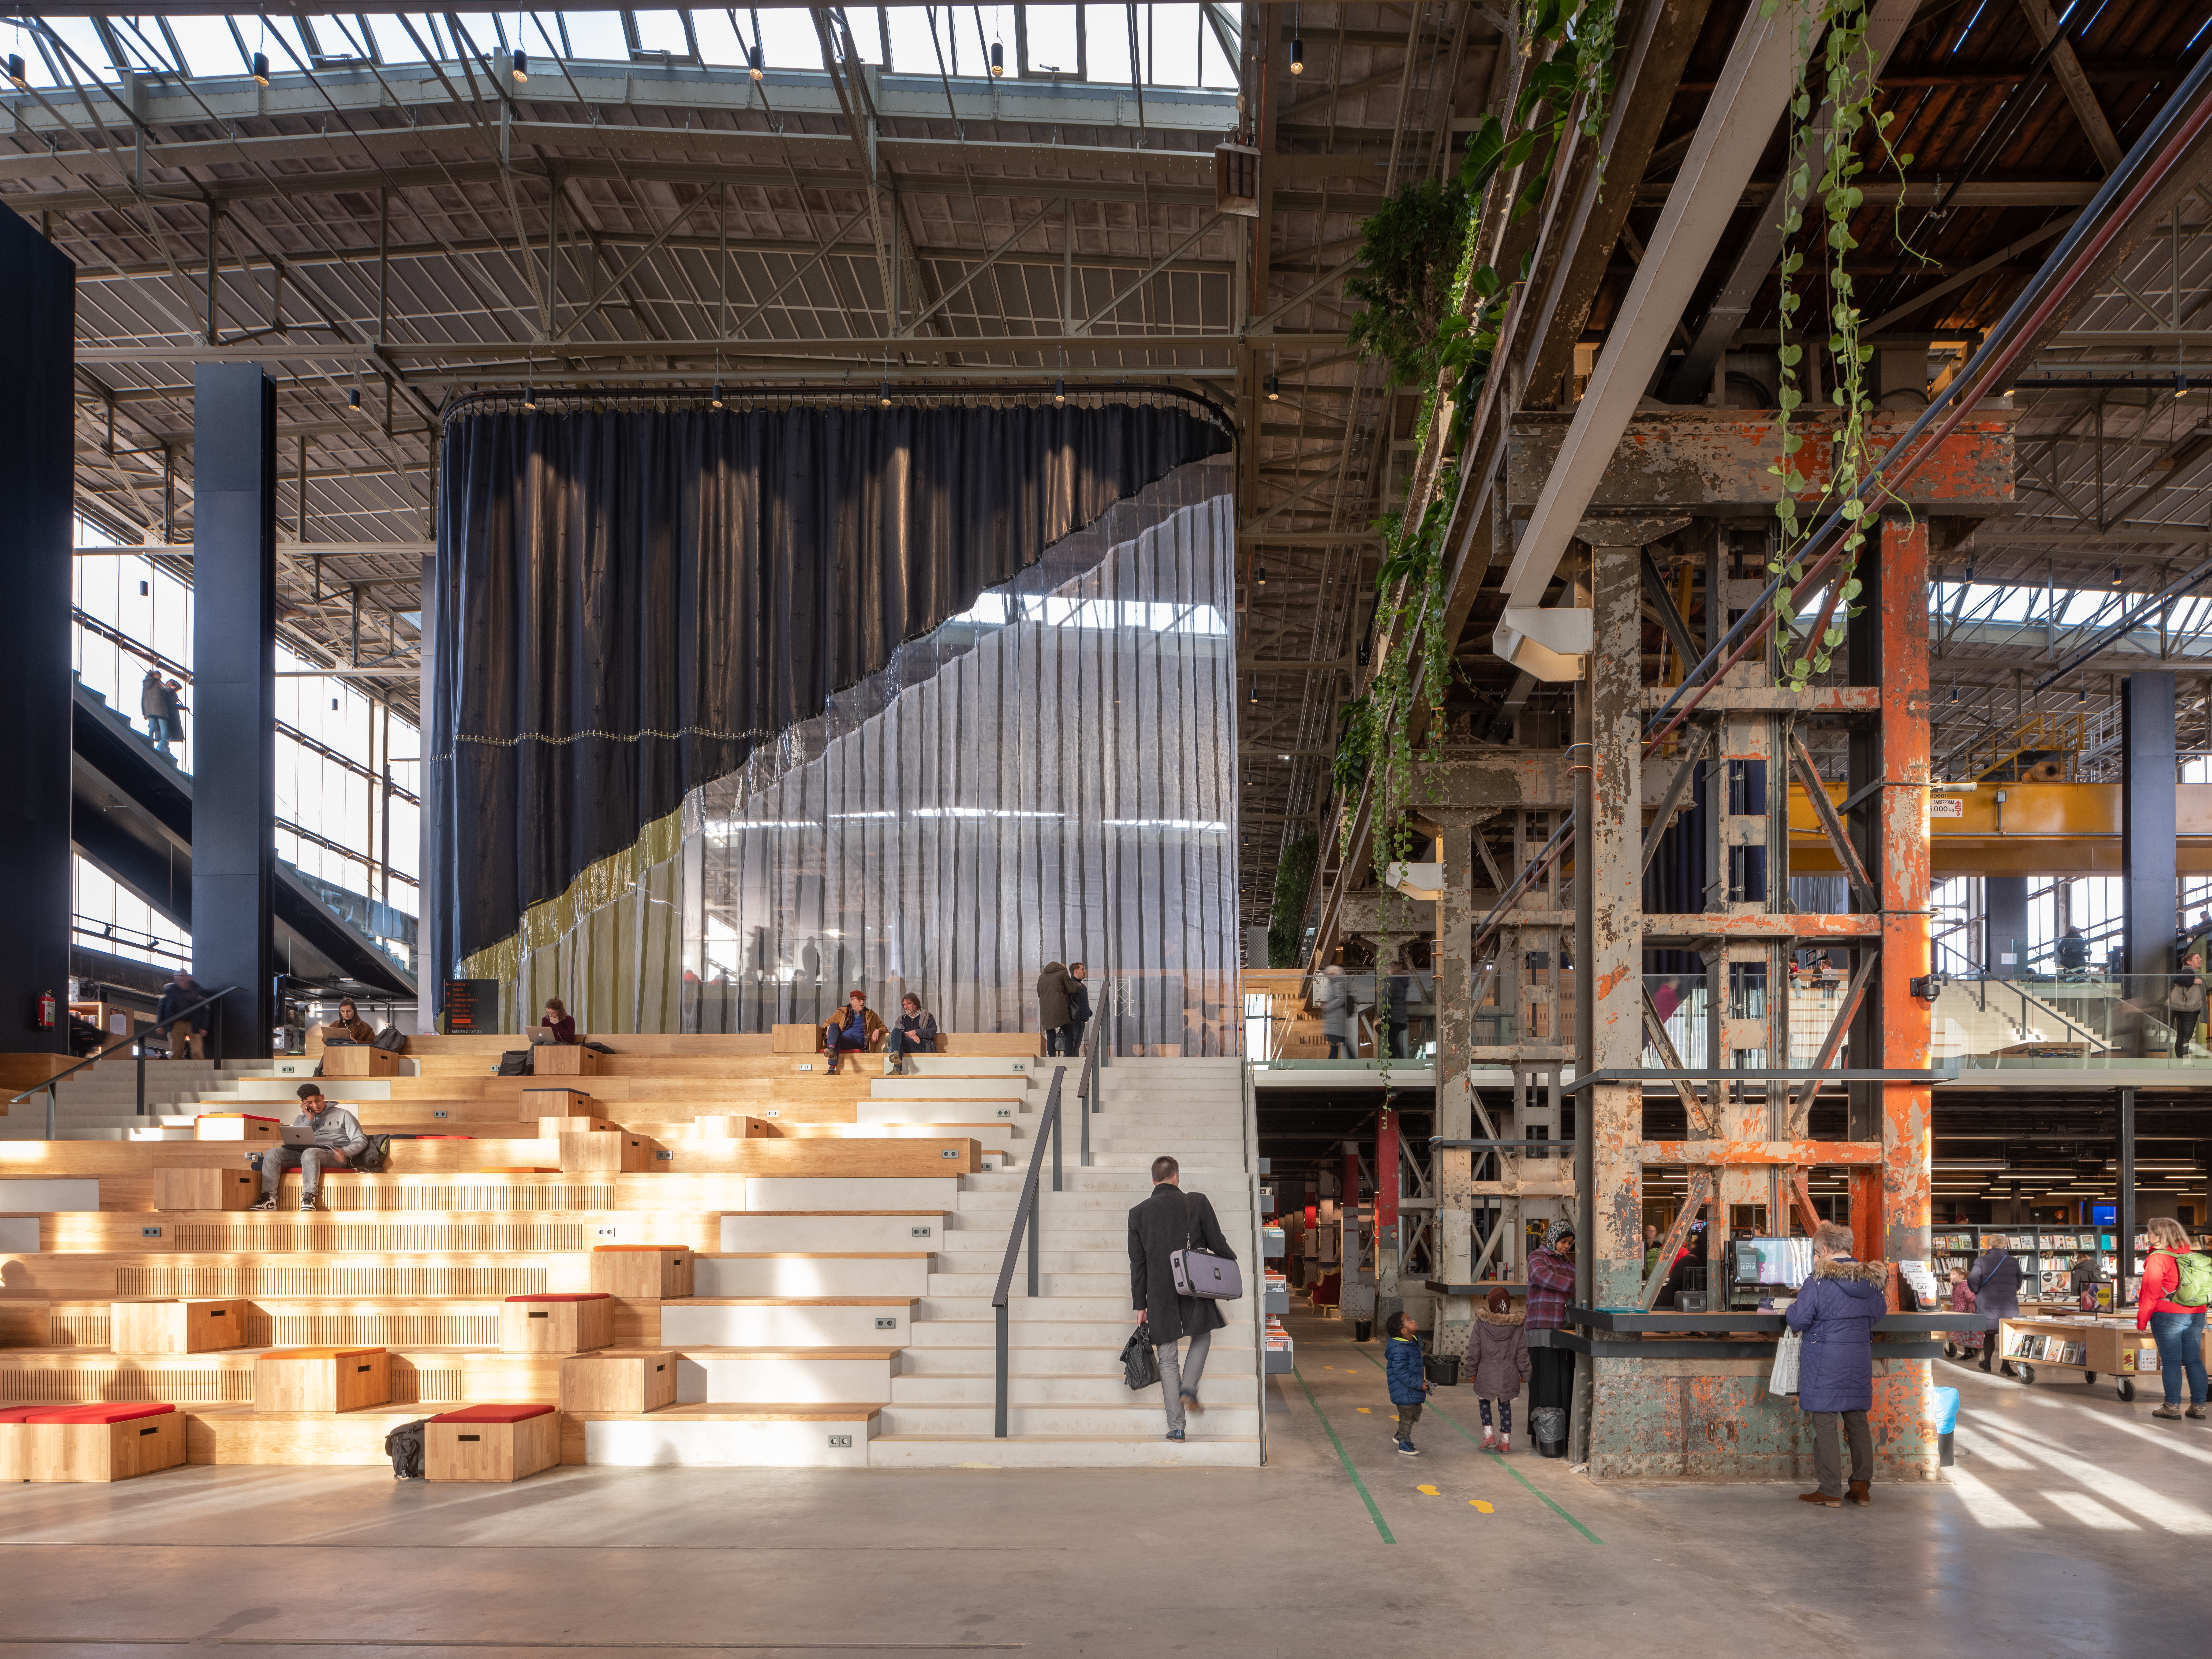 <p>LocHal Tilburg door Civic, Braaksma &#038; Roos Architectenbureau, Inside Outside en Mecanoo, beeld Ossip van Duivenbode</p>